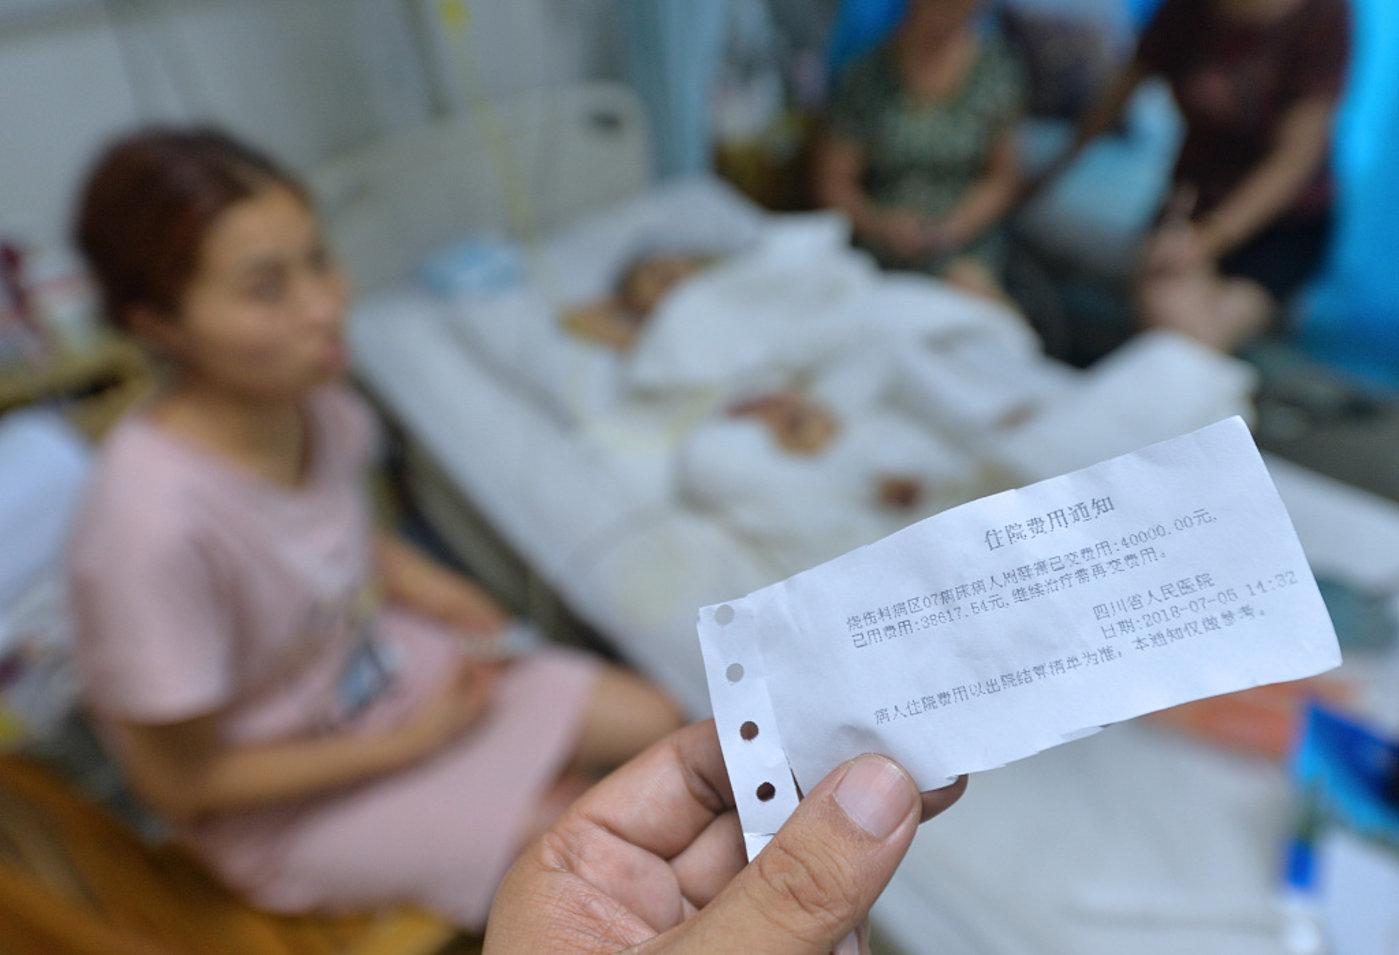 2018年7月6日,四川省人民医院烧伤科病房,面对医院刚发的缴费单,患者萧萧的爸爸周宇一脸愁容。图片来源@视觉中国